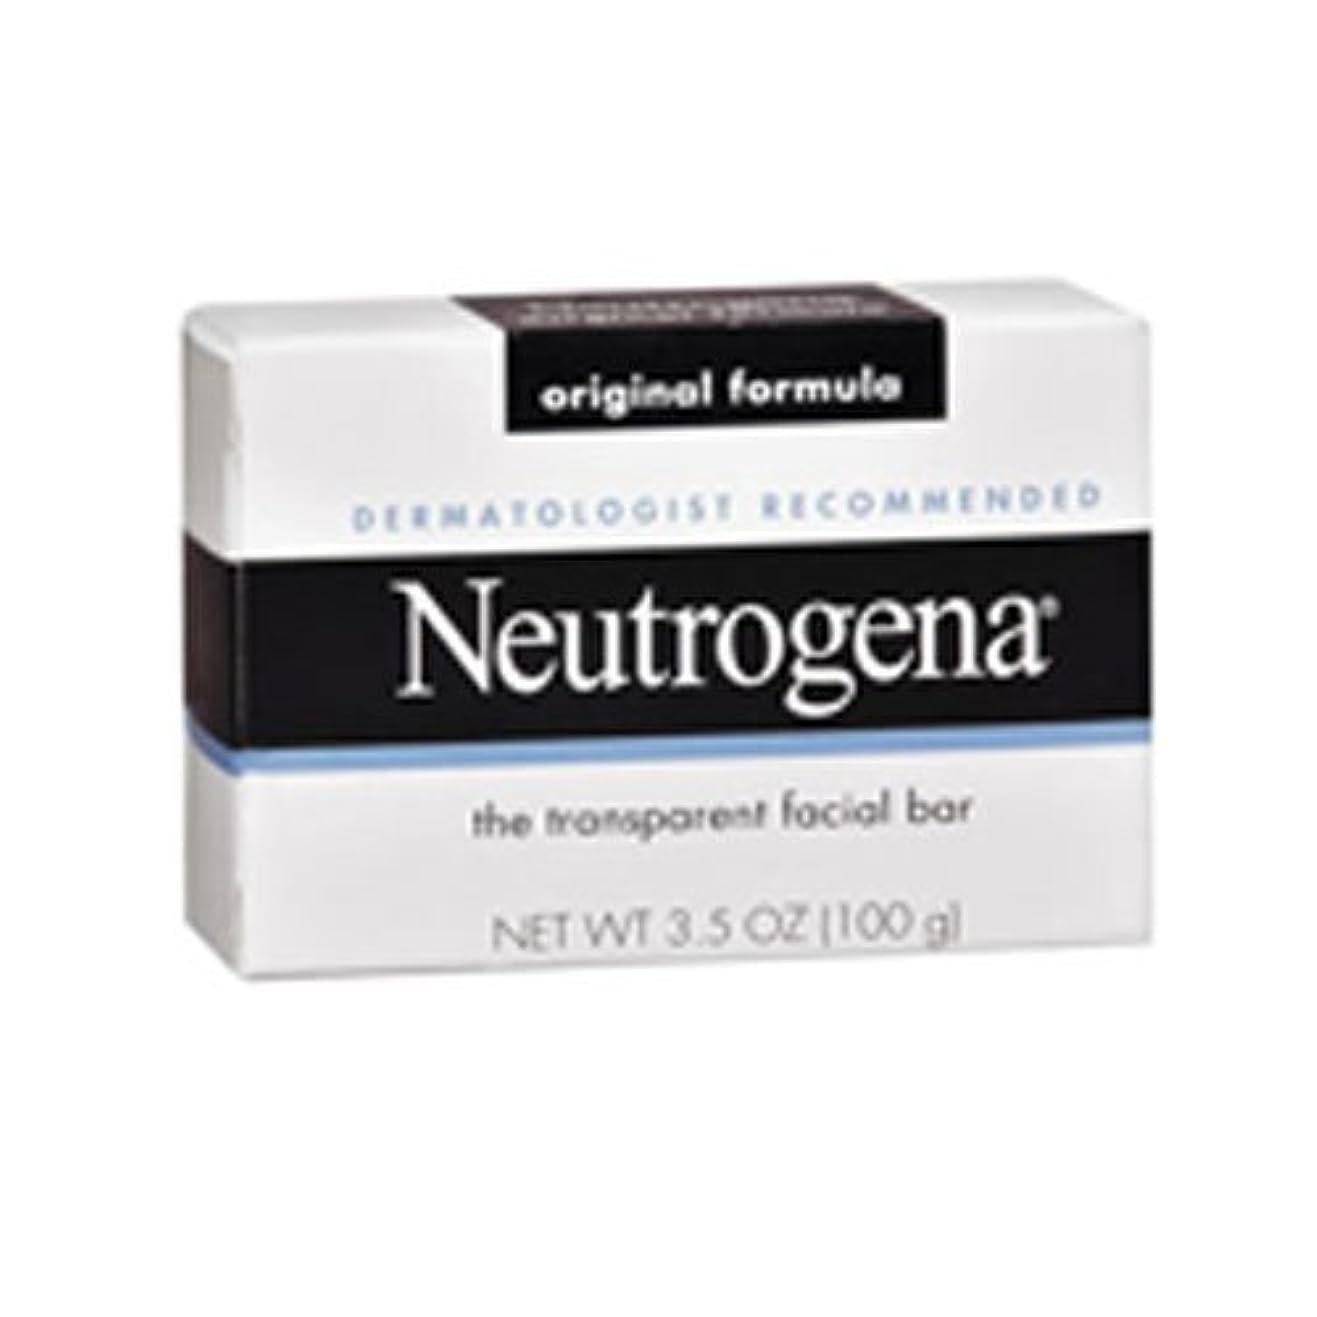 自殺グレー銅海外直送肘 Neutrogena Transparent Facial Soap Bar, 3.5 oz